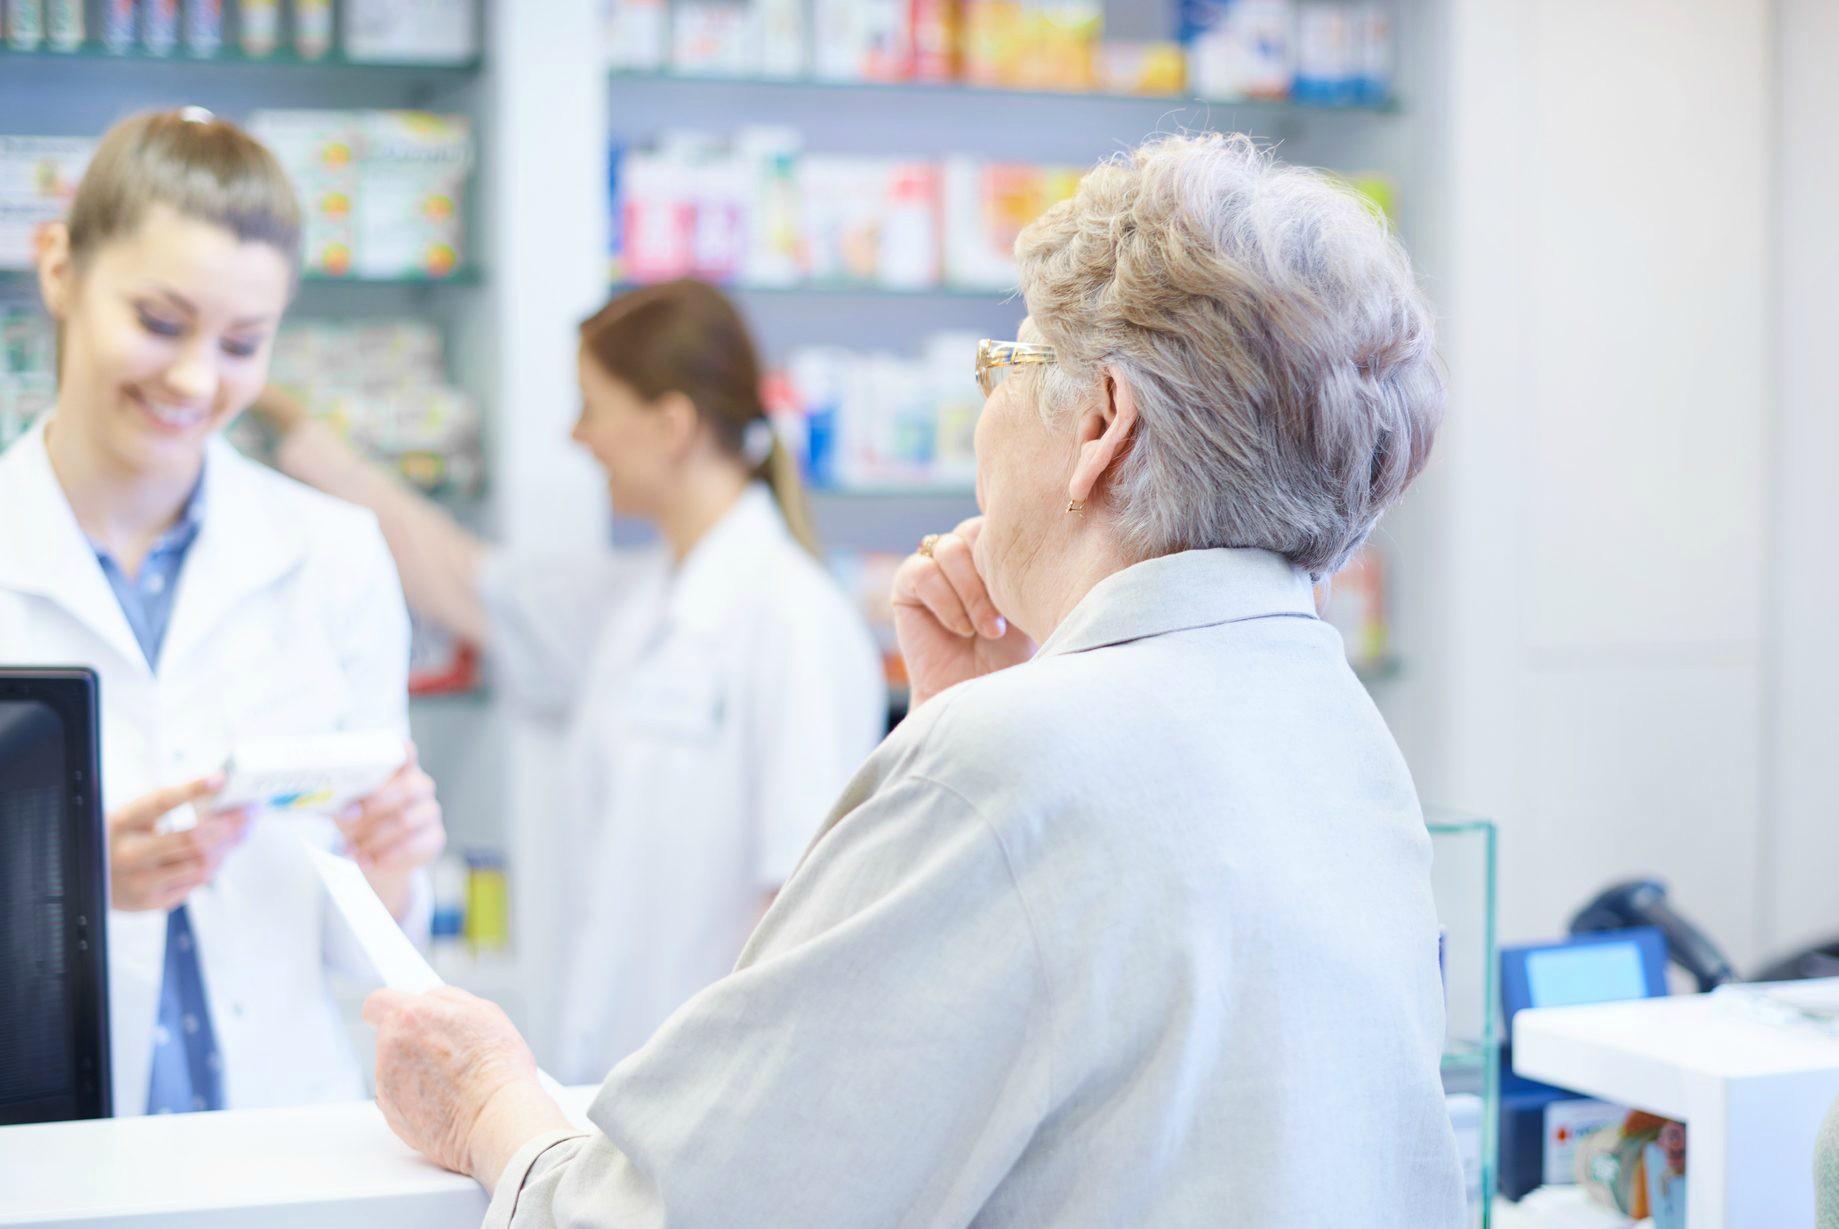 Pesquisa mostra dificuldades do público sênior ao fazer compras em farmácias